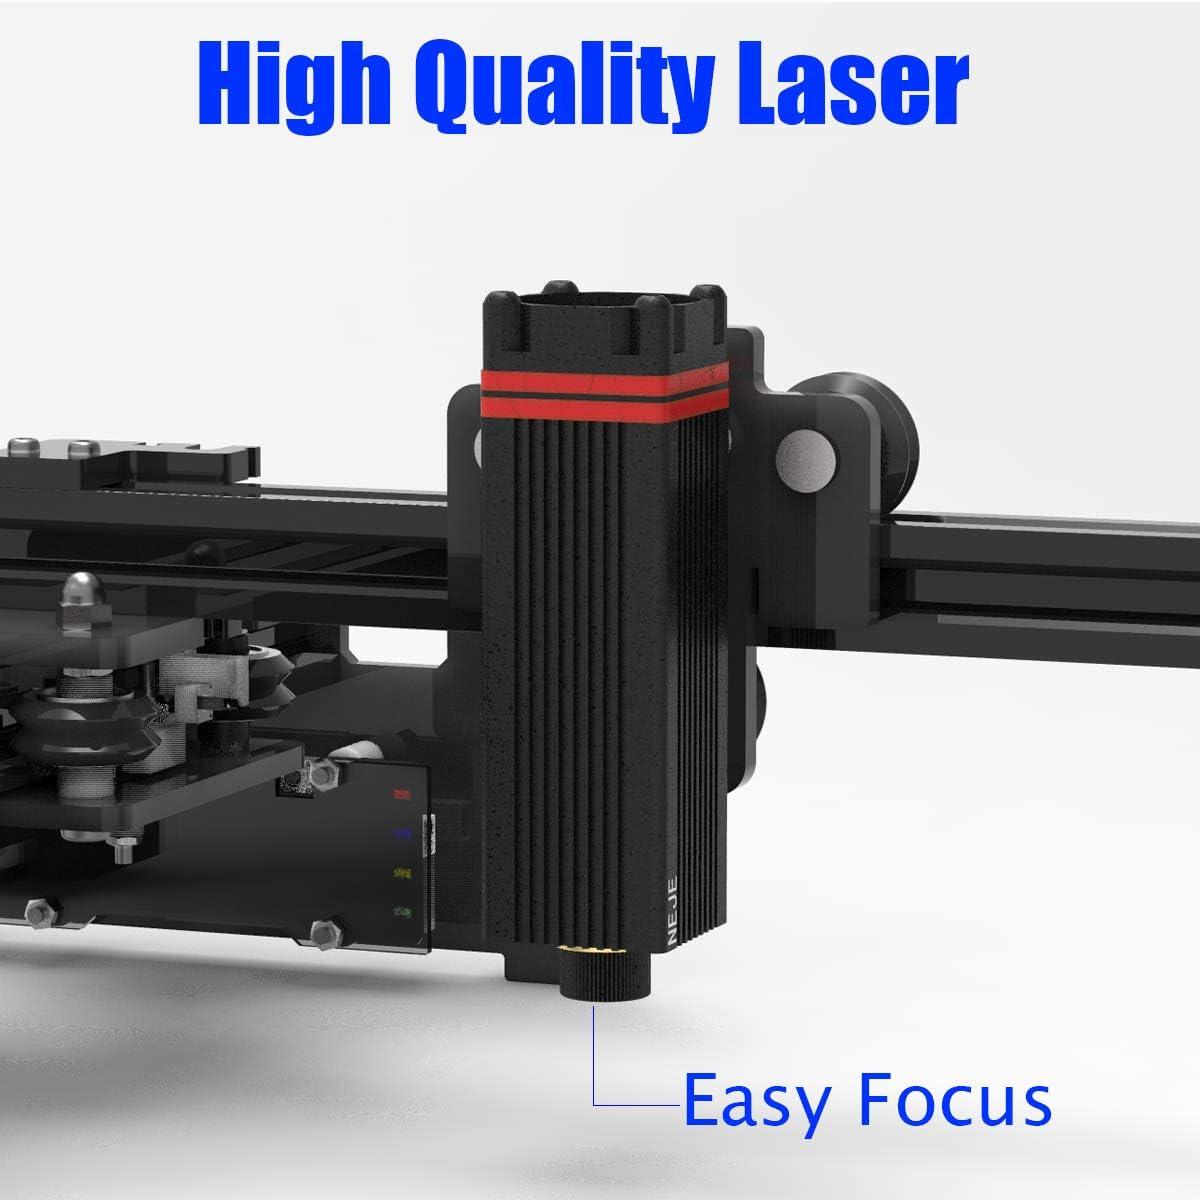 Laser Engraver 3500mW Portable Laser Engraving Machine Mini Carver Desktop Laser Engraver for DIY Laser Marking Art Craft Logo Mark Printer with Protective Glasses,Working Area 150x150mm